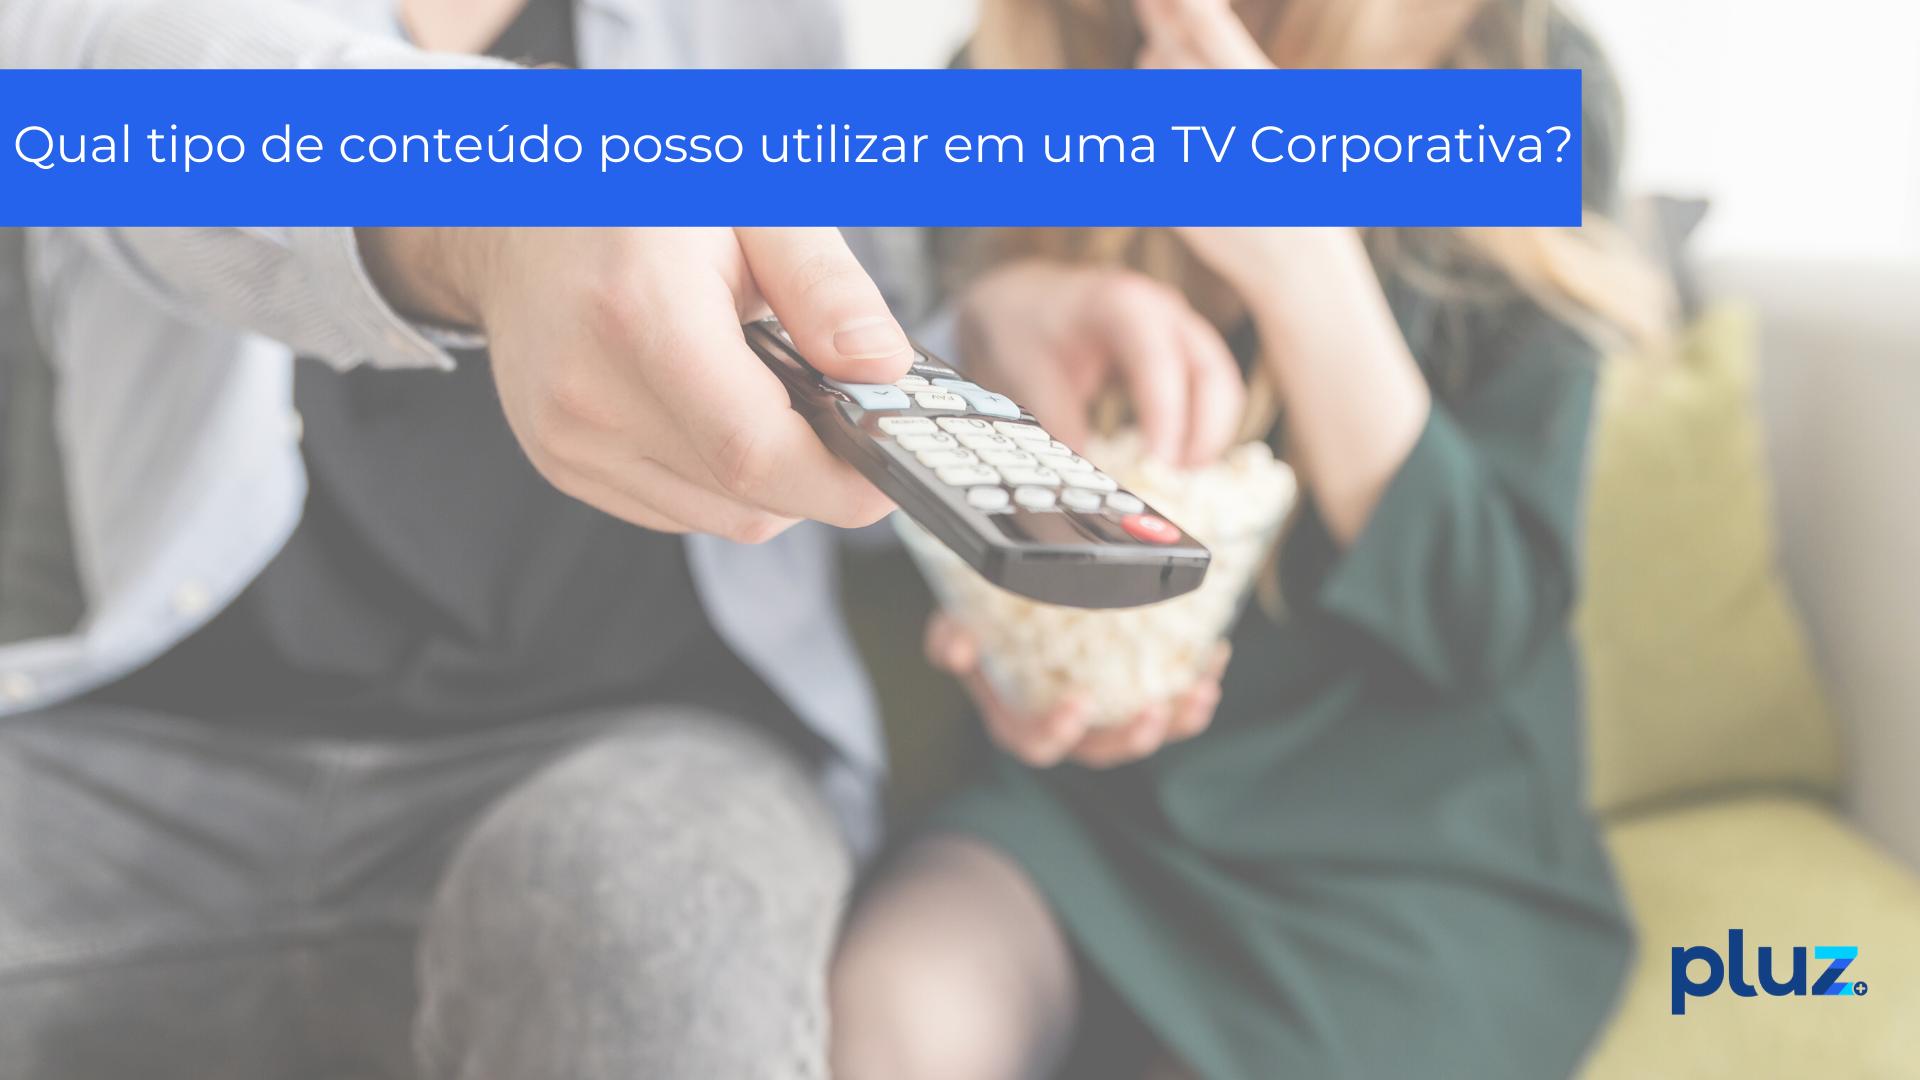 Qual tipo de conteúdo posso utilizar em uma TV Corporativa?